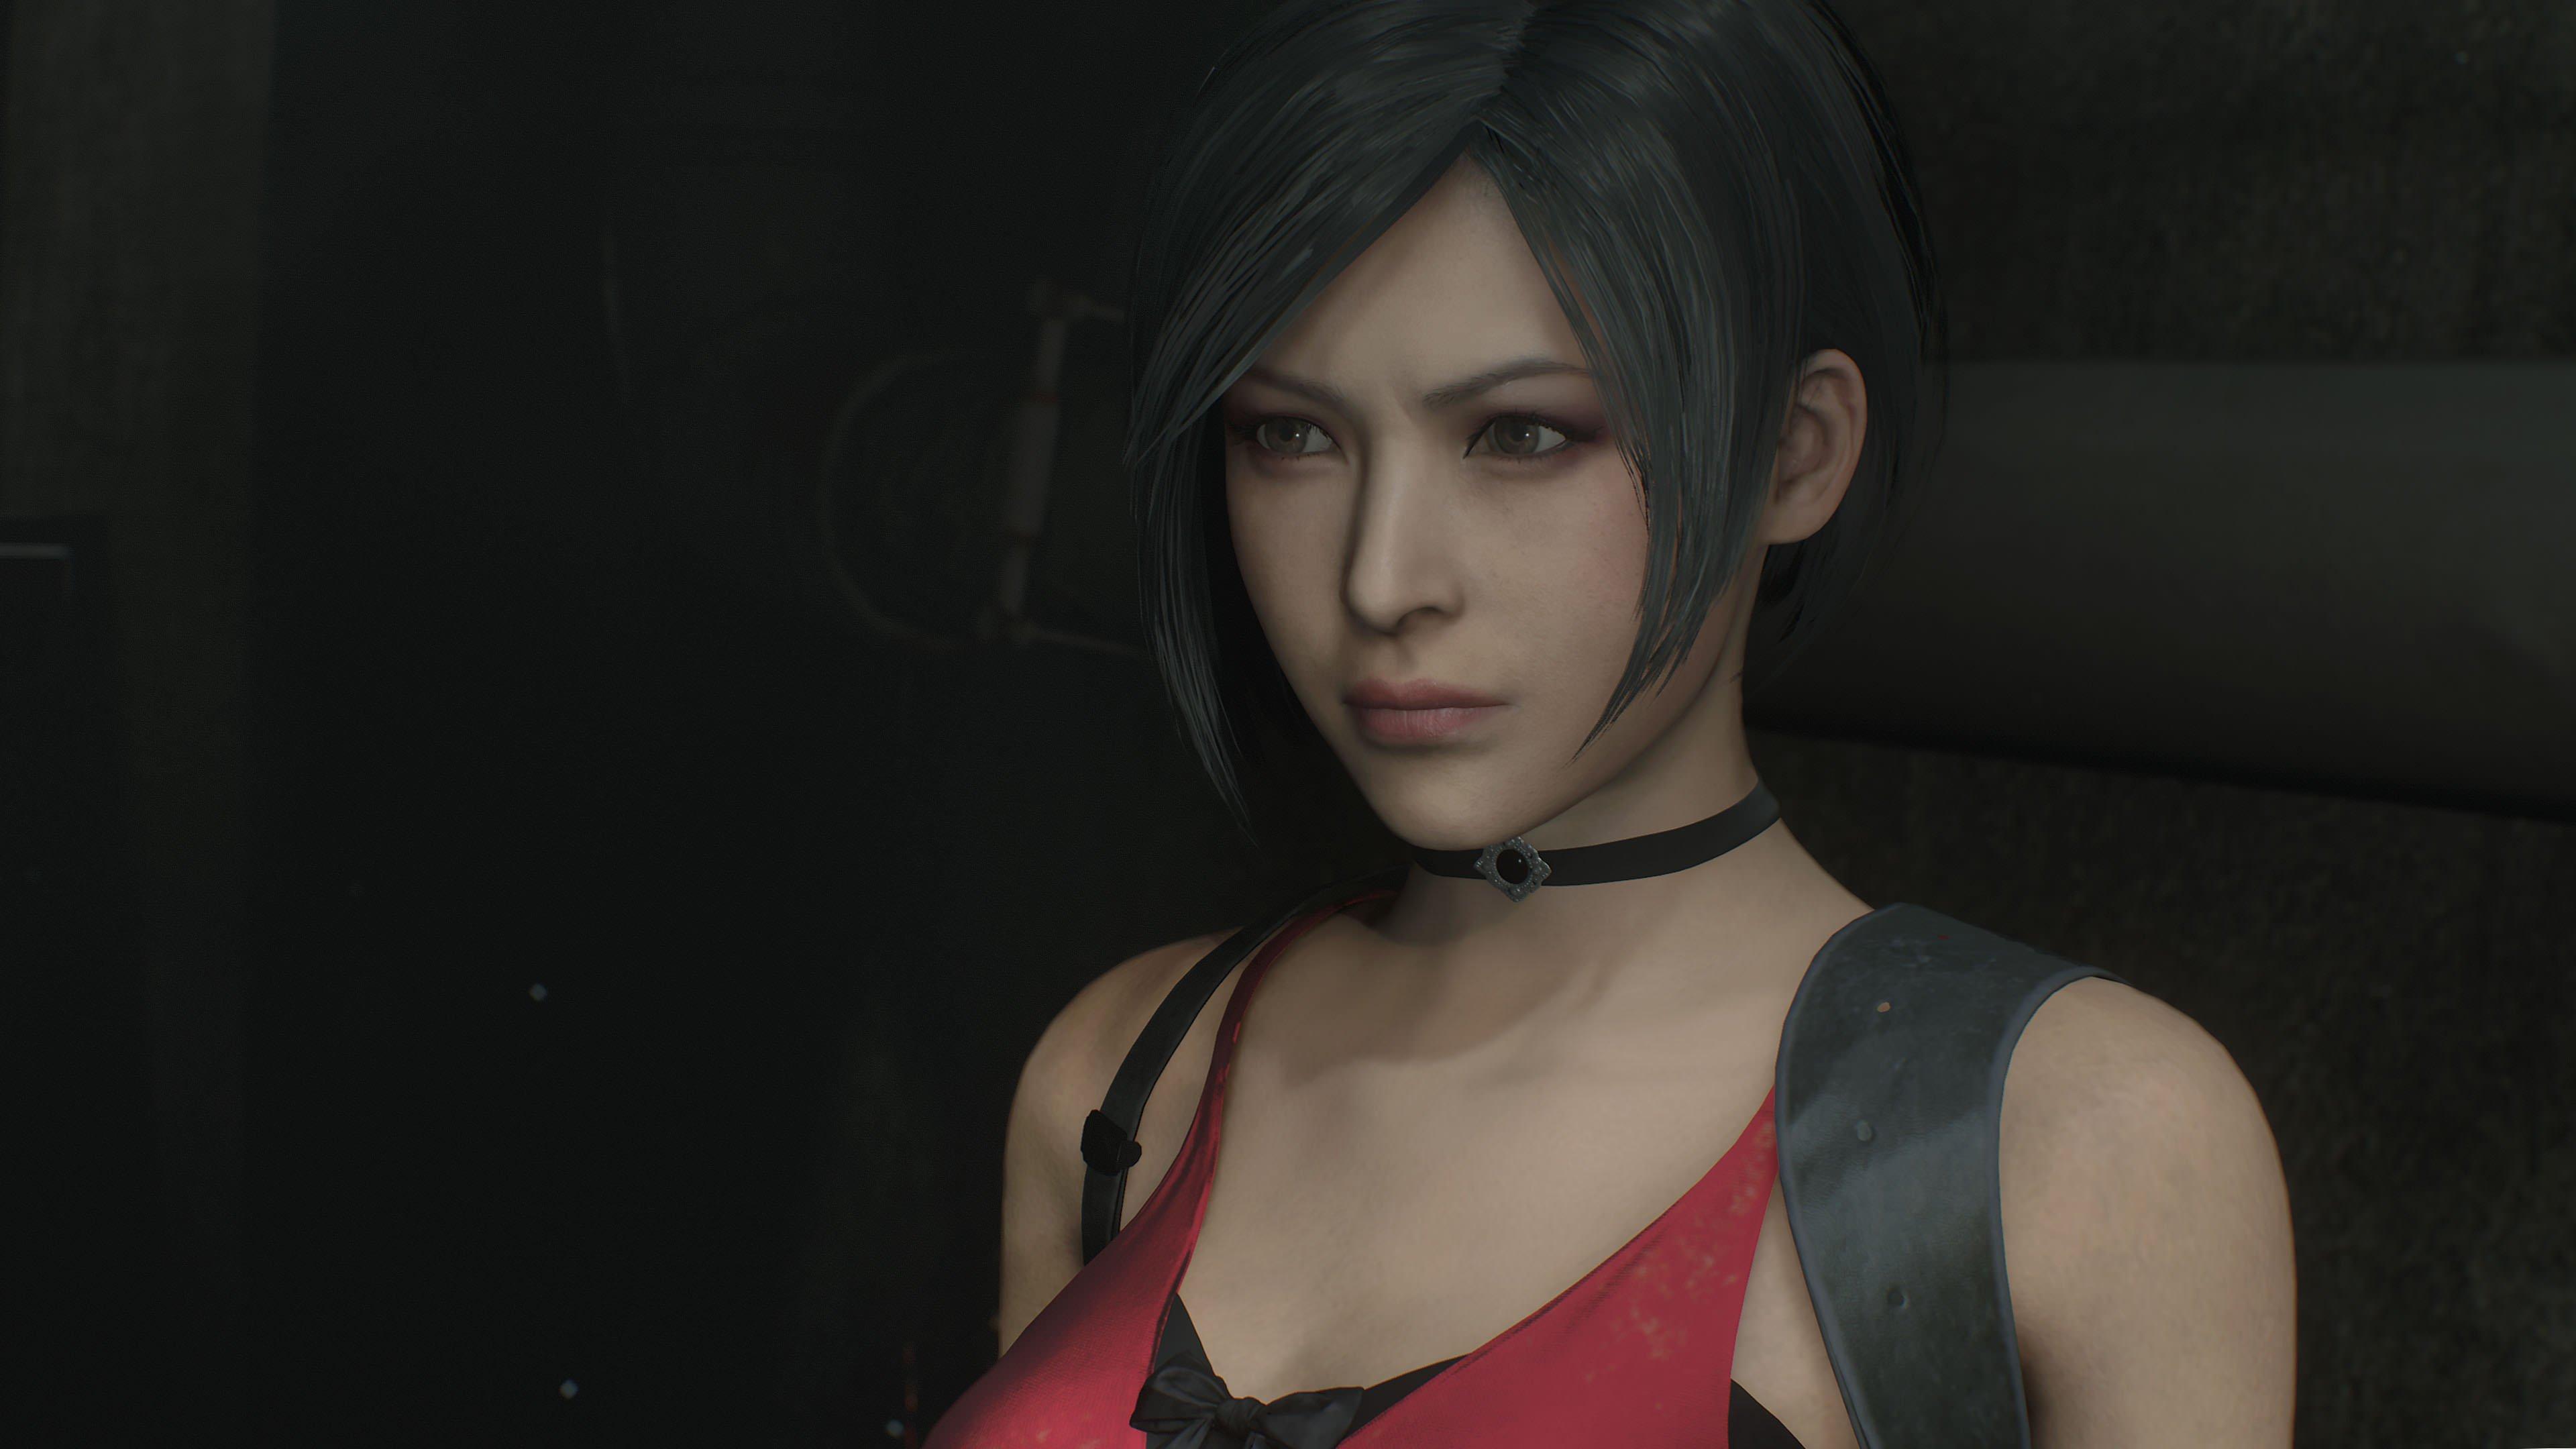 Pubg Trenchcoat Girl 4k Hd Games 4k Wallpapers Images: Resident Evil 2 Remake Perlihatkan Tampilan Ada Wong Yang